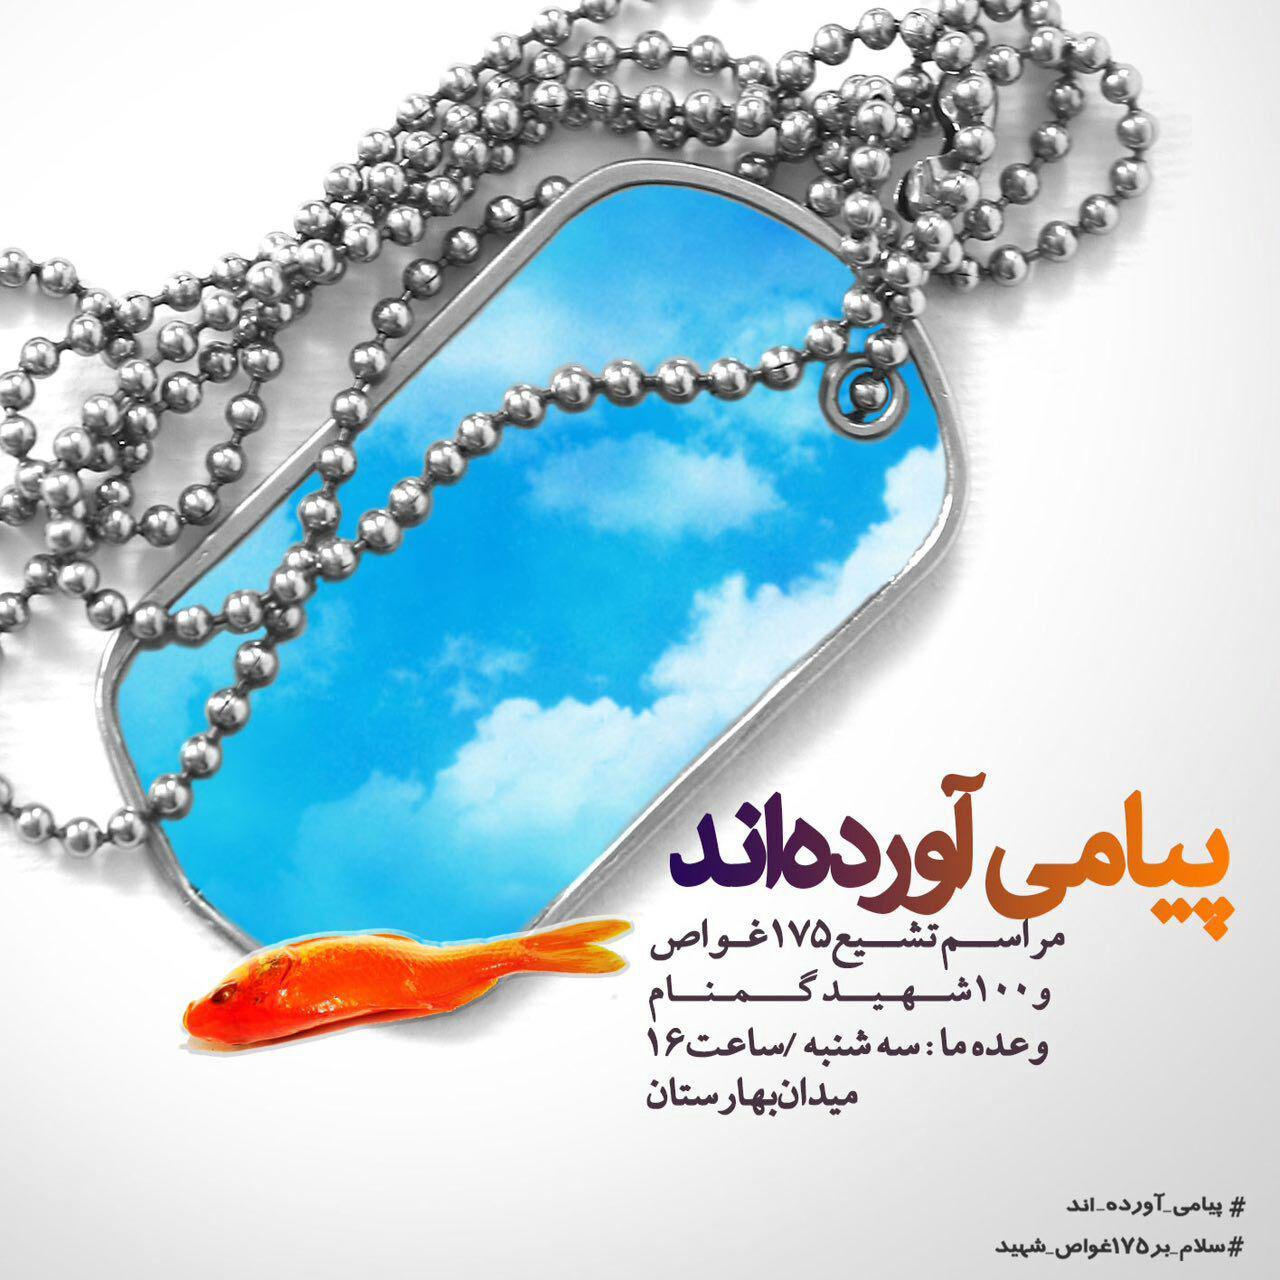 شهیدان